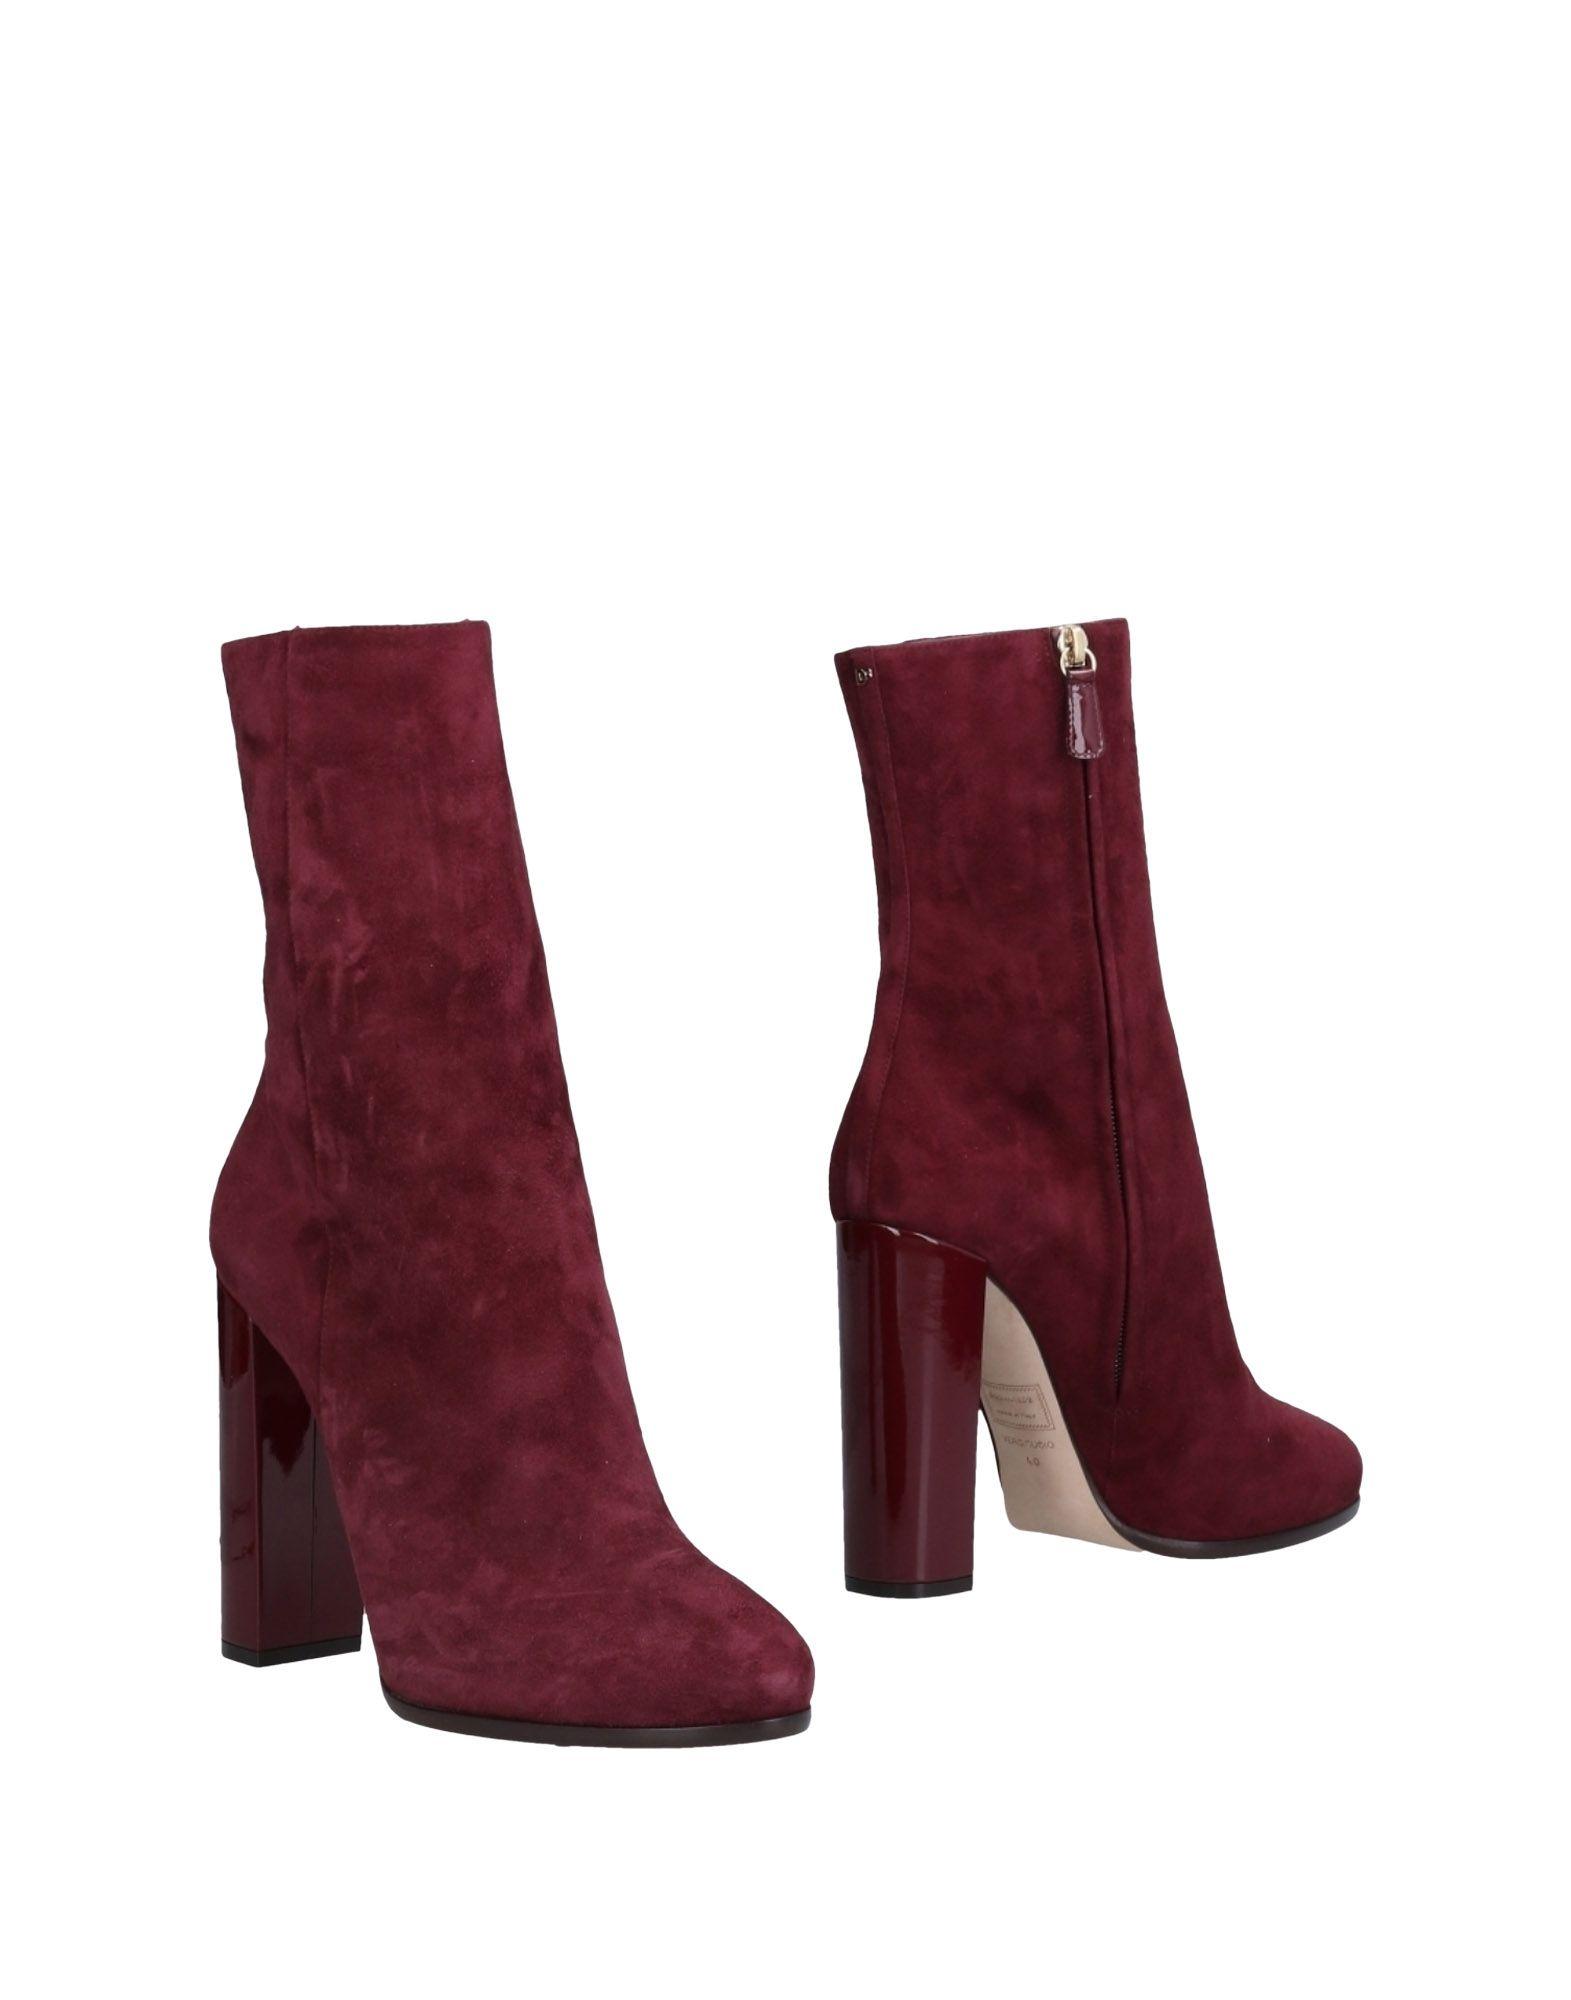 Bottine Dsquared2 Femme - Bottines discount Dsquared2 Bordeaux Dernières chaussures discount Bottines pour hommes et femmes 782bb3